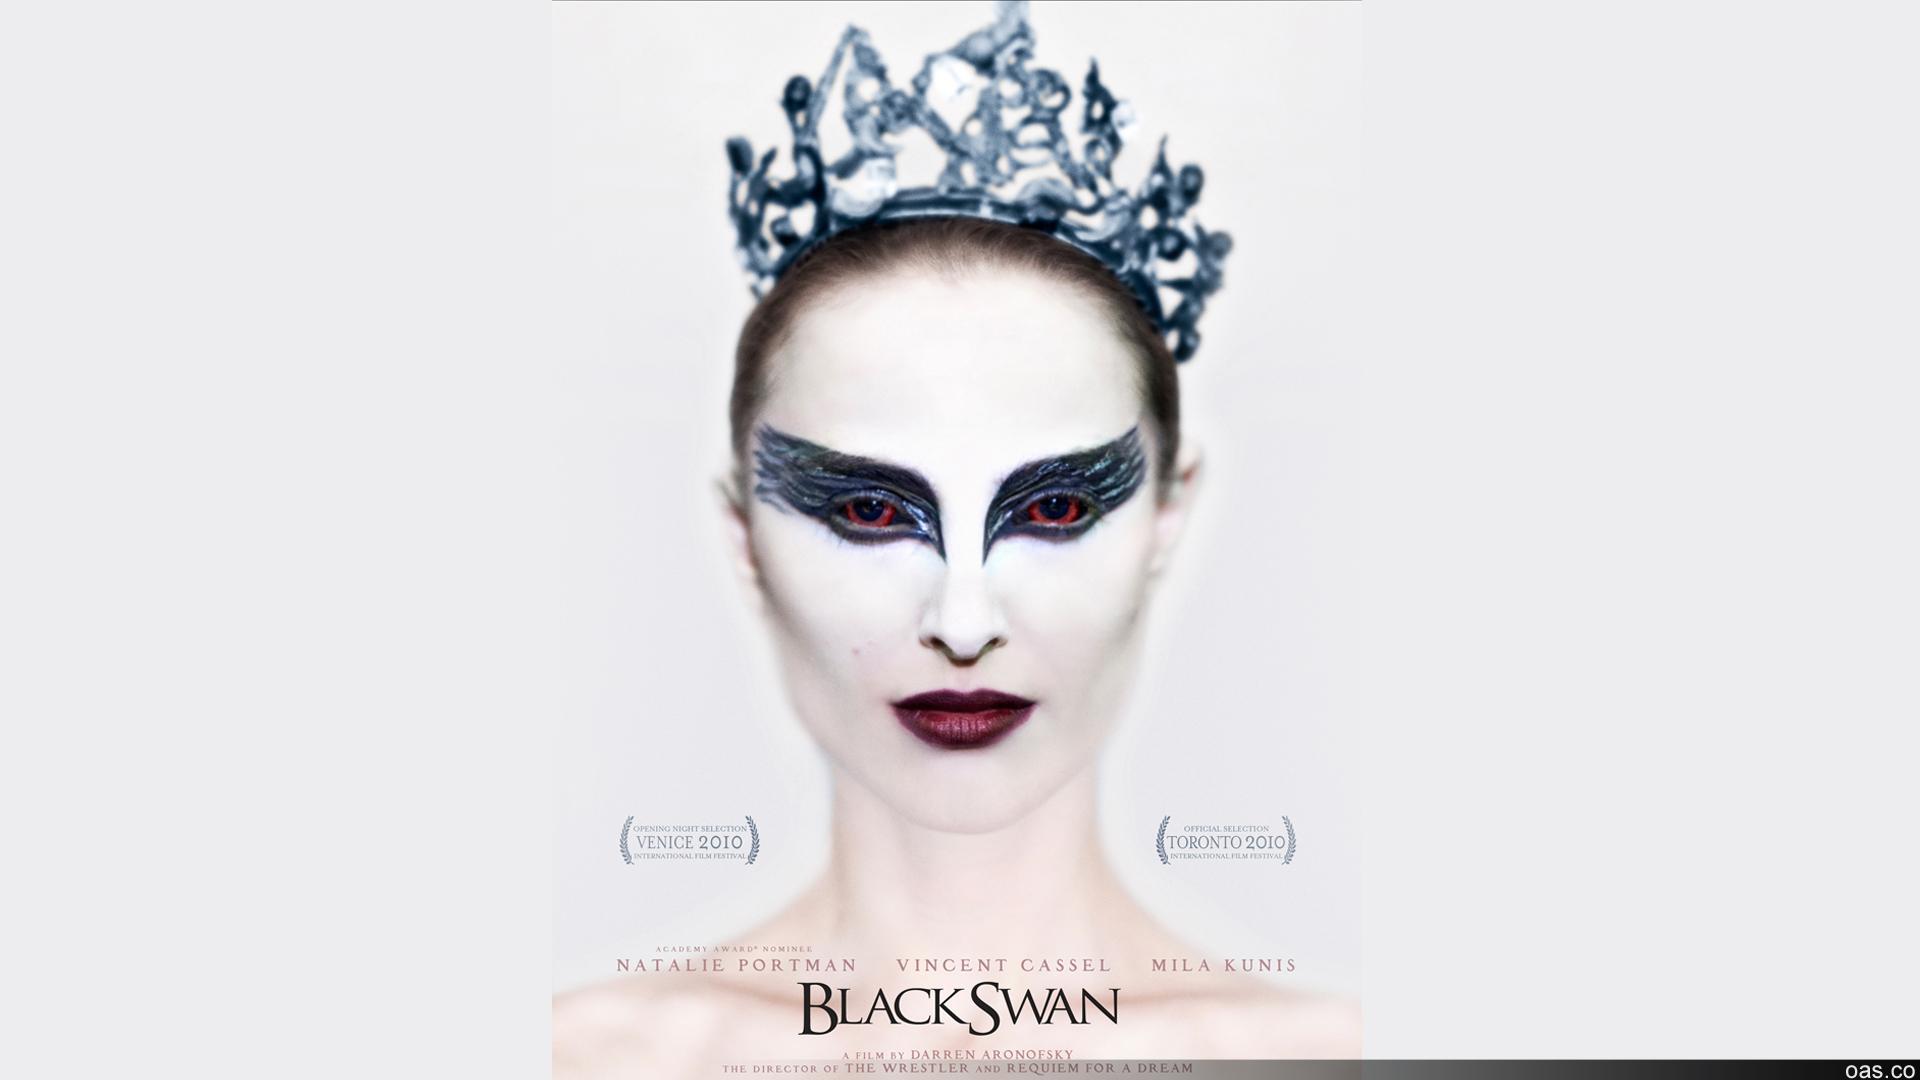 black swan wallpapers oas ajpg 1920x1080